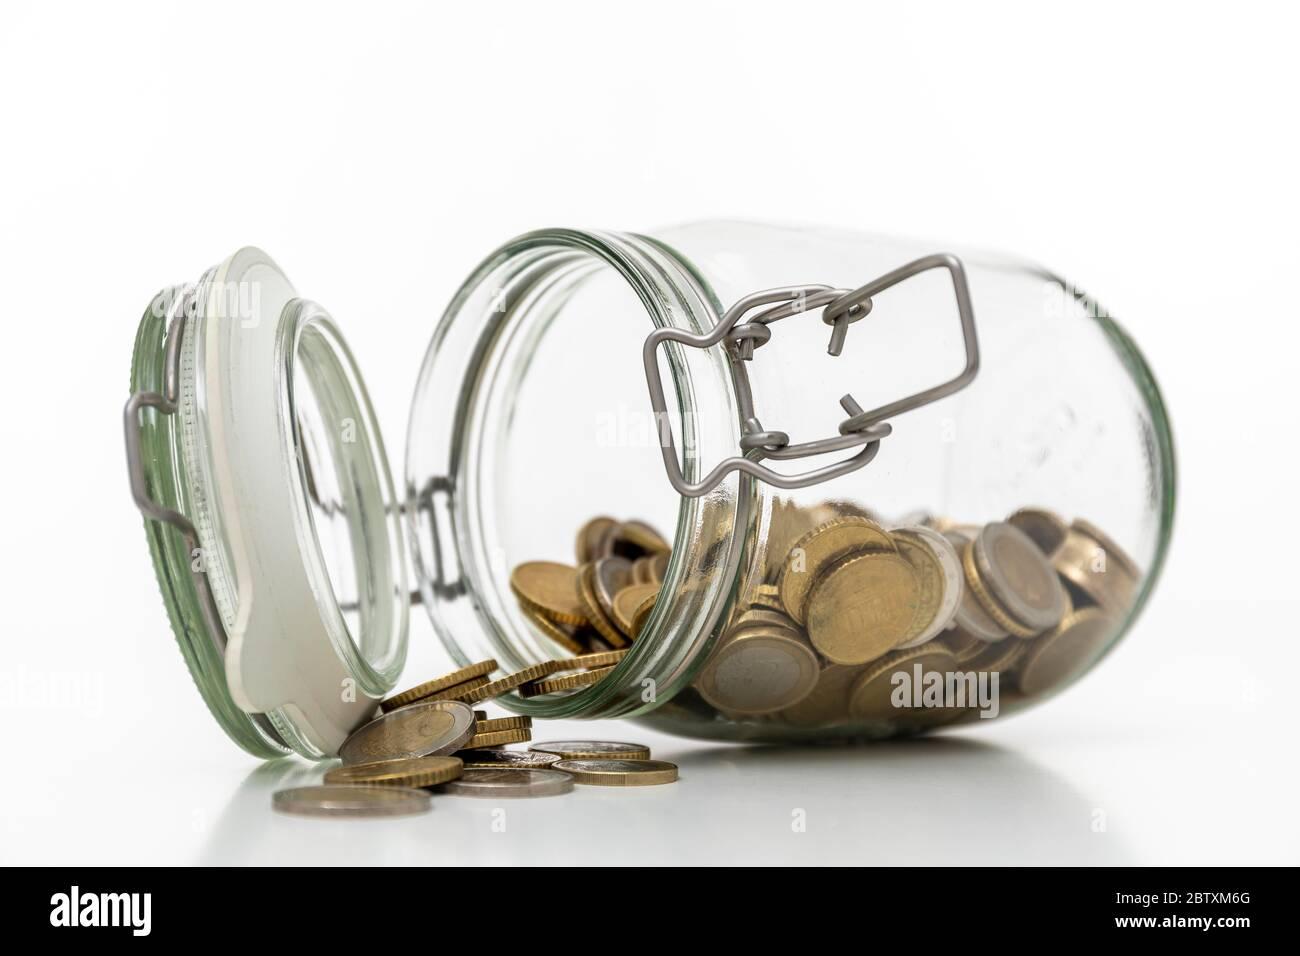 Épargne, verre avec argent, pièces, Allemagne Banque D'Images